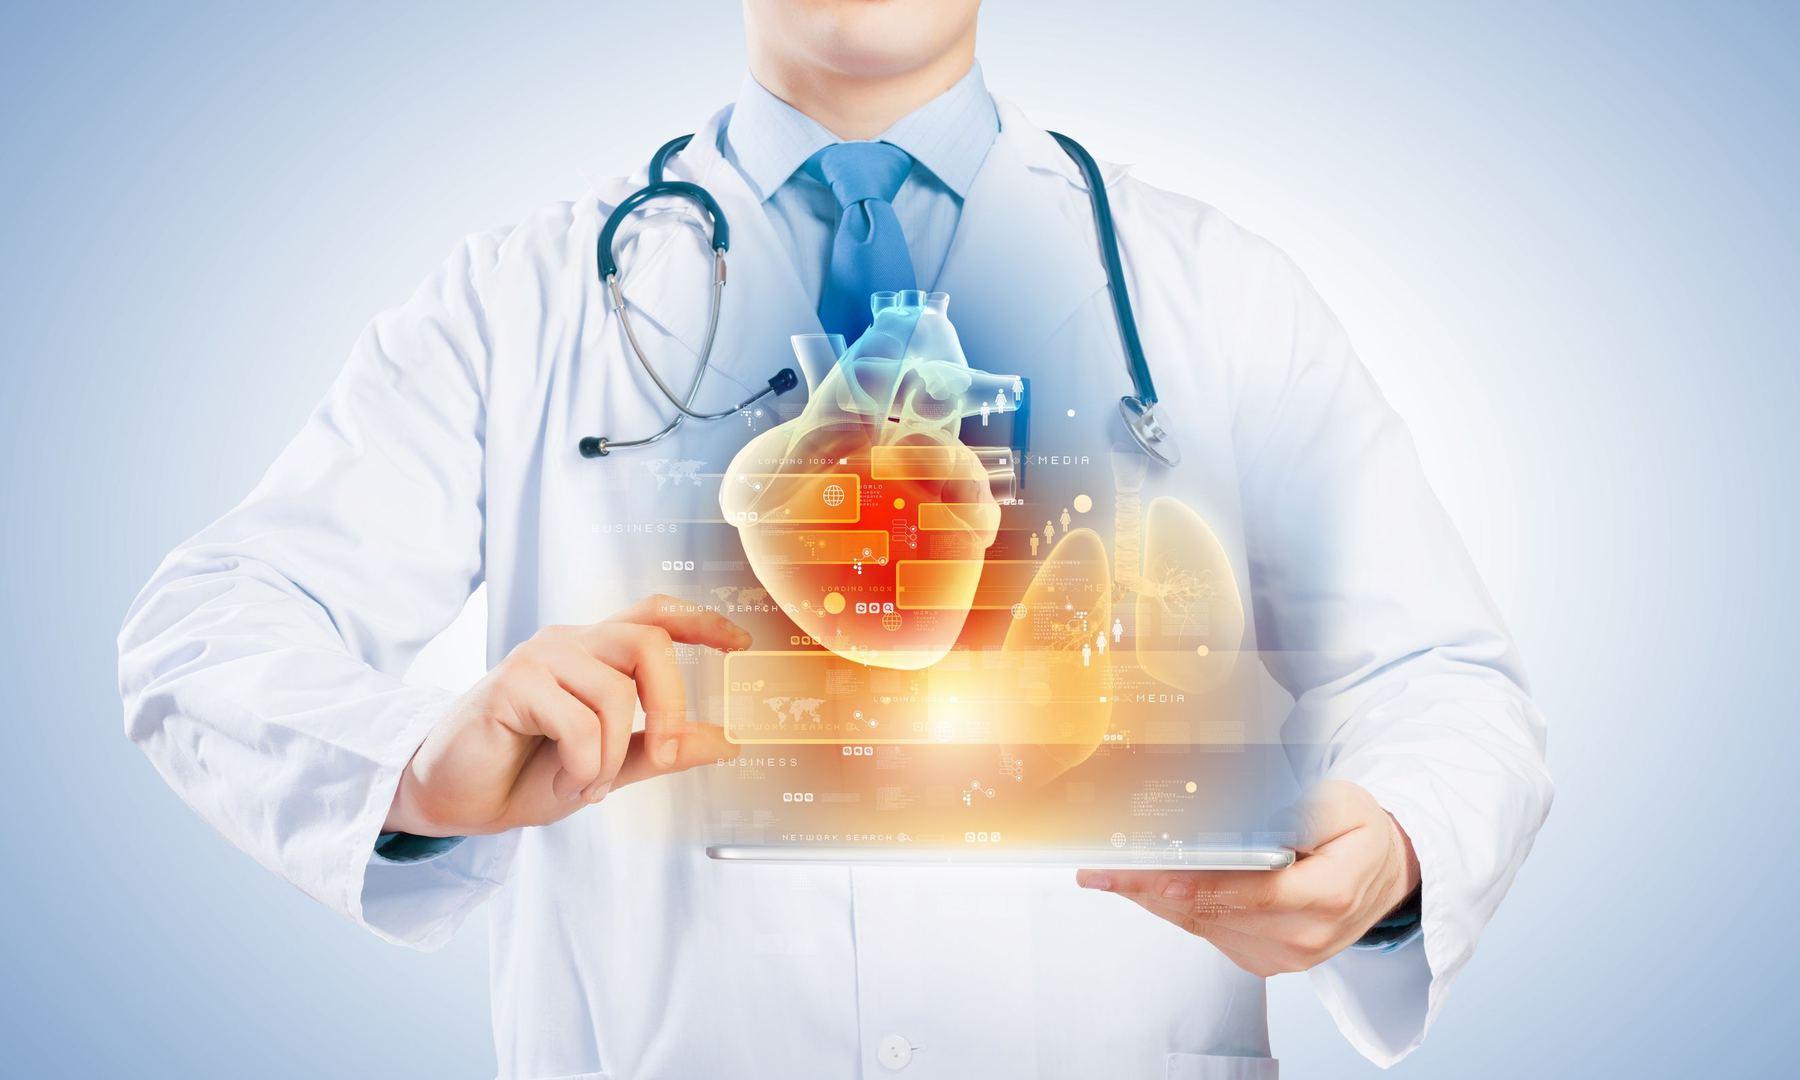 širdies nepakankamumo sveikatos aspektai